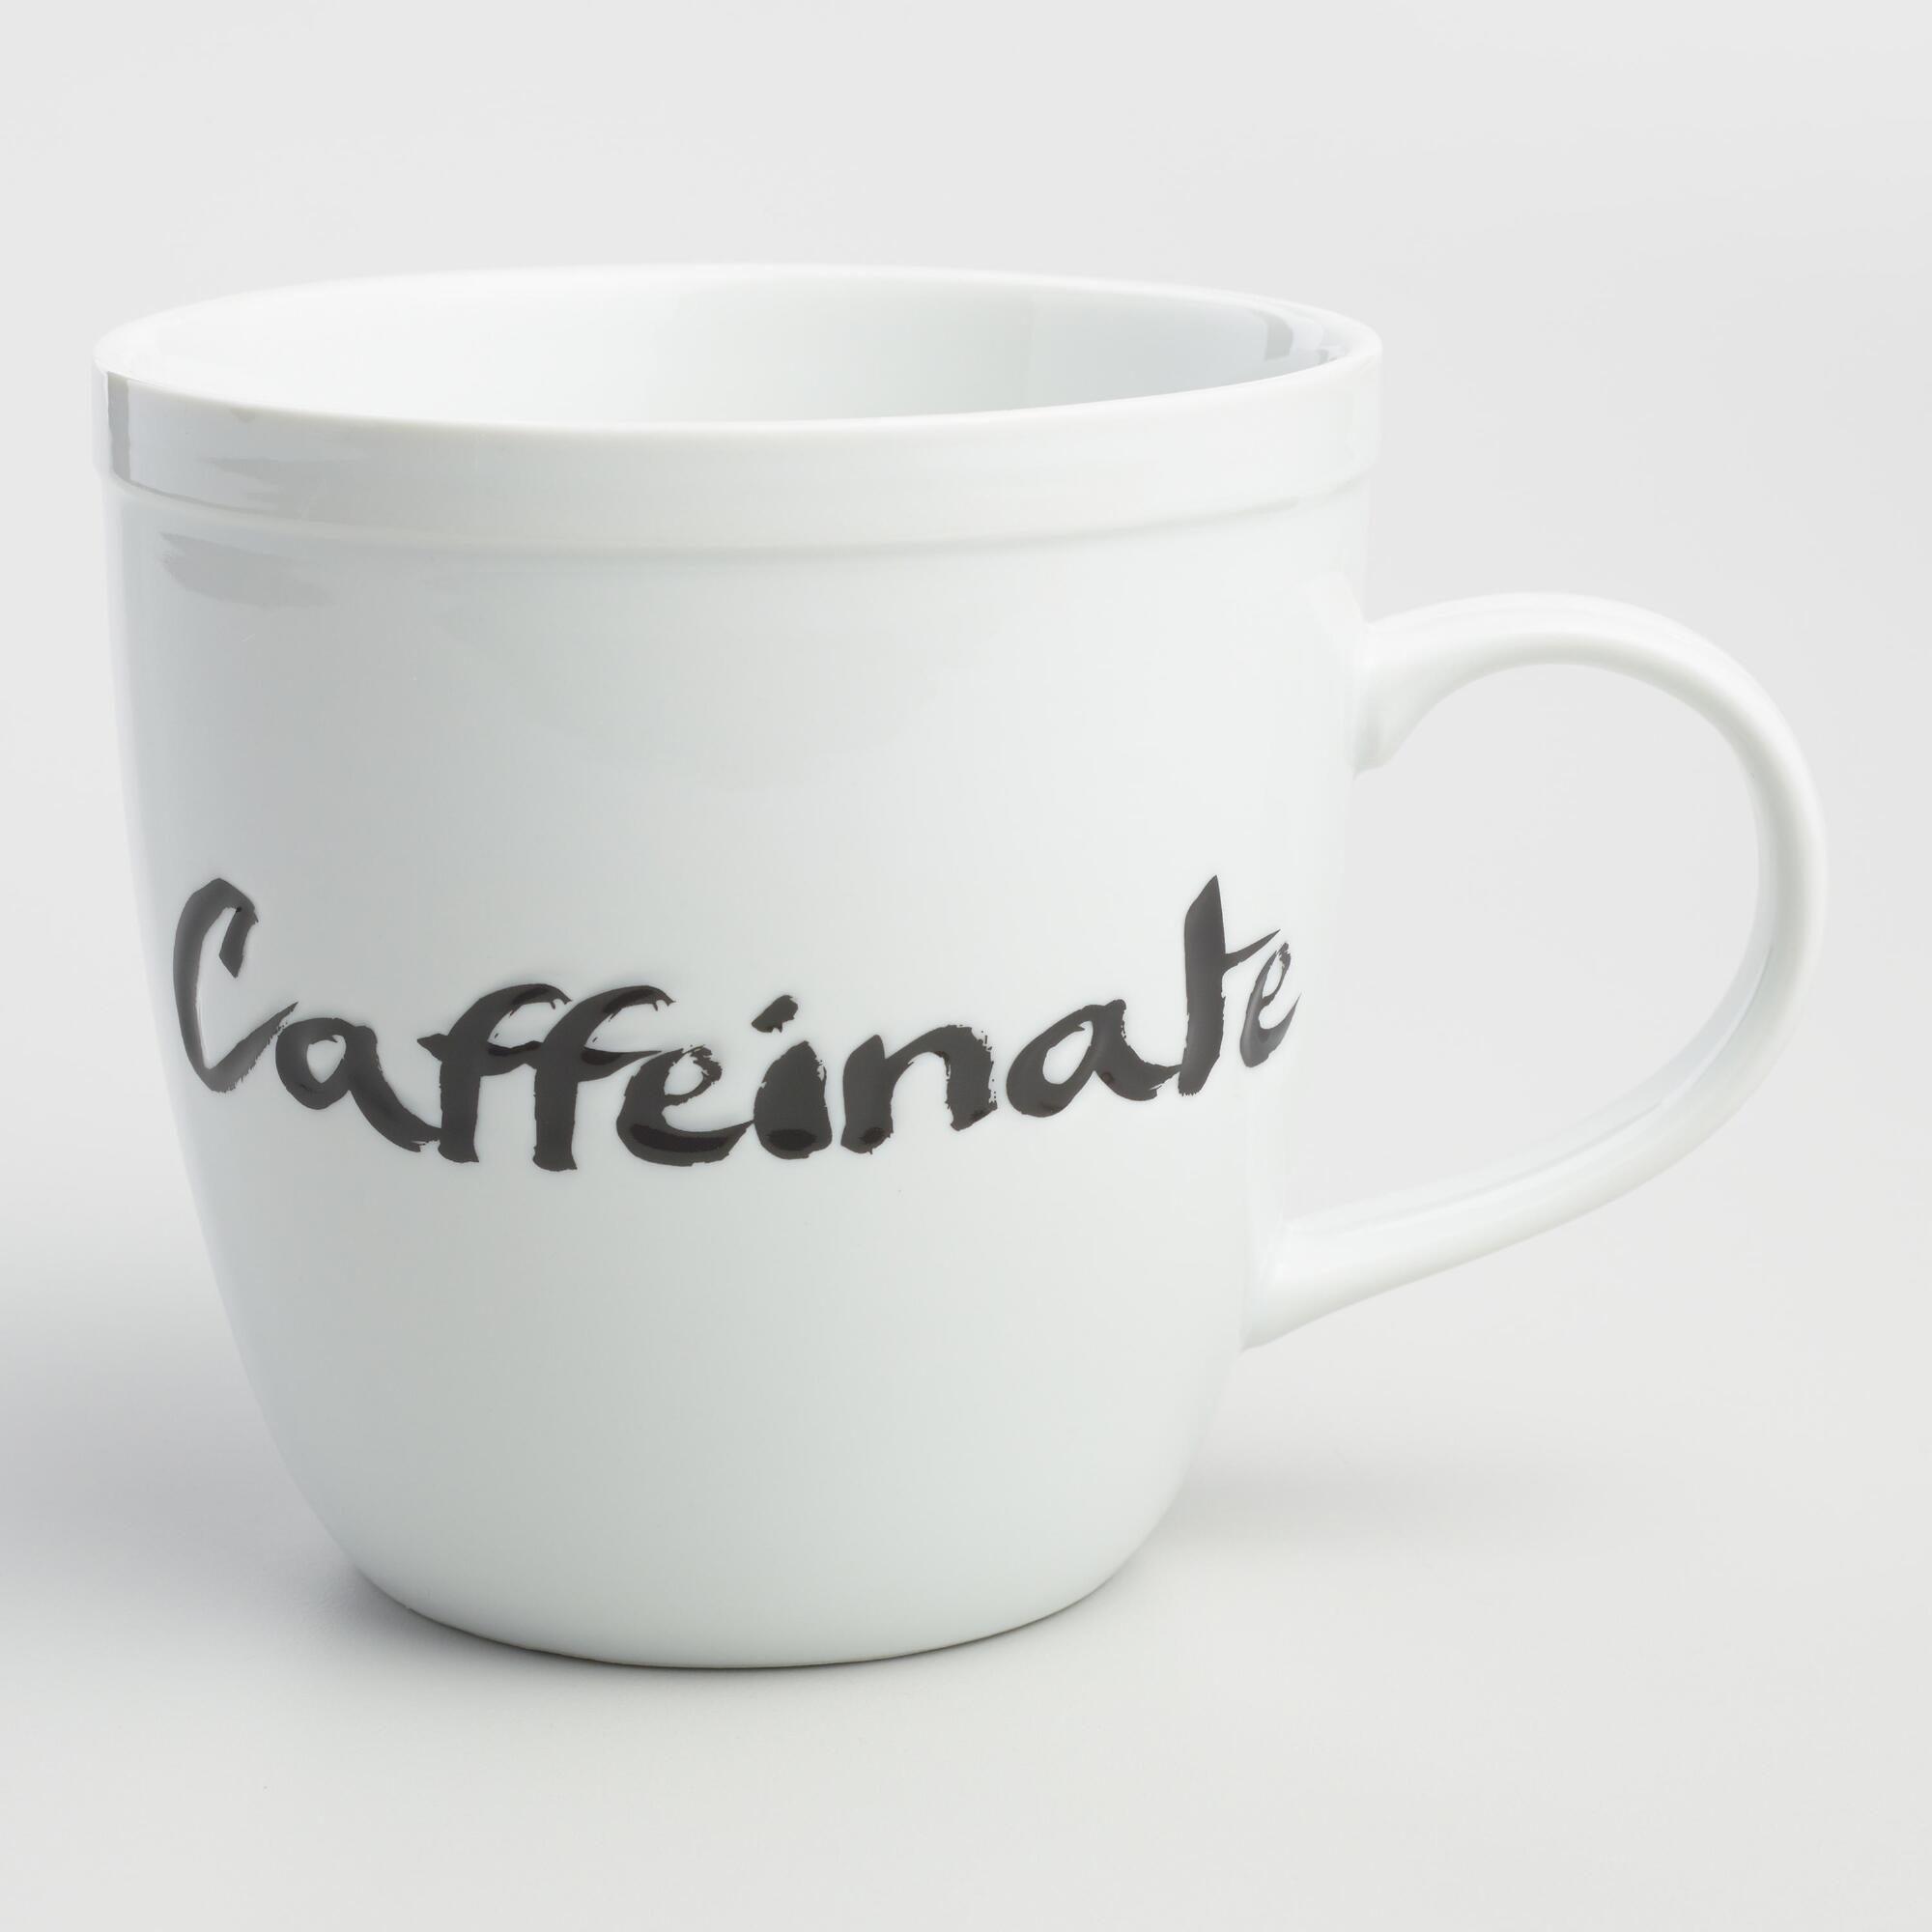 Caffeinate Mug: White - Porcelain by World Market